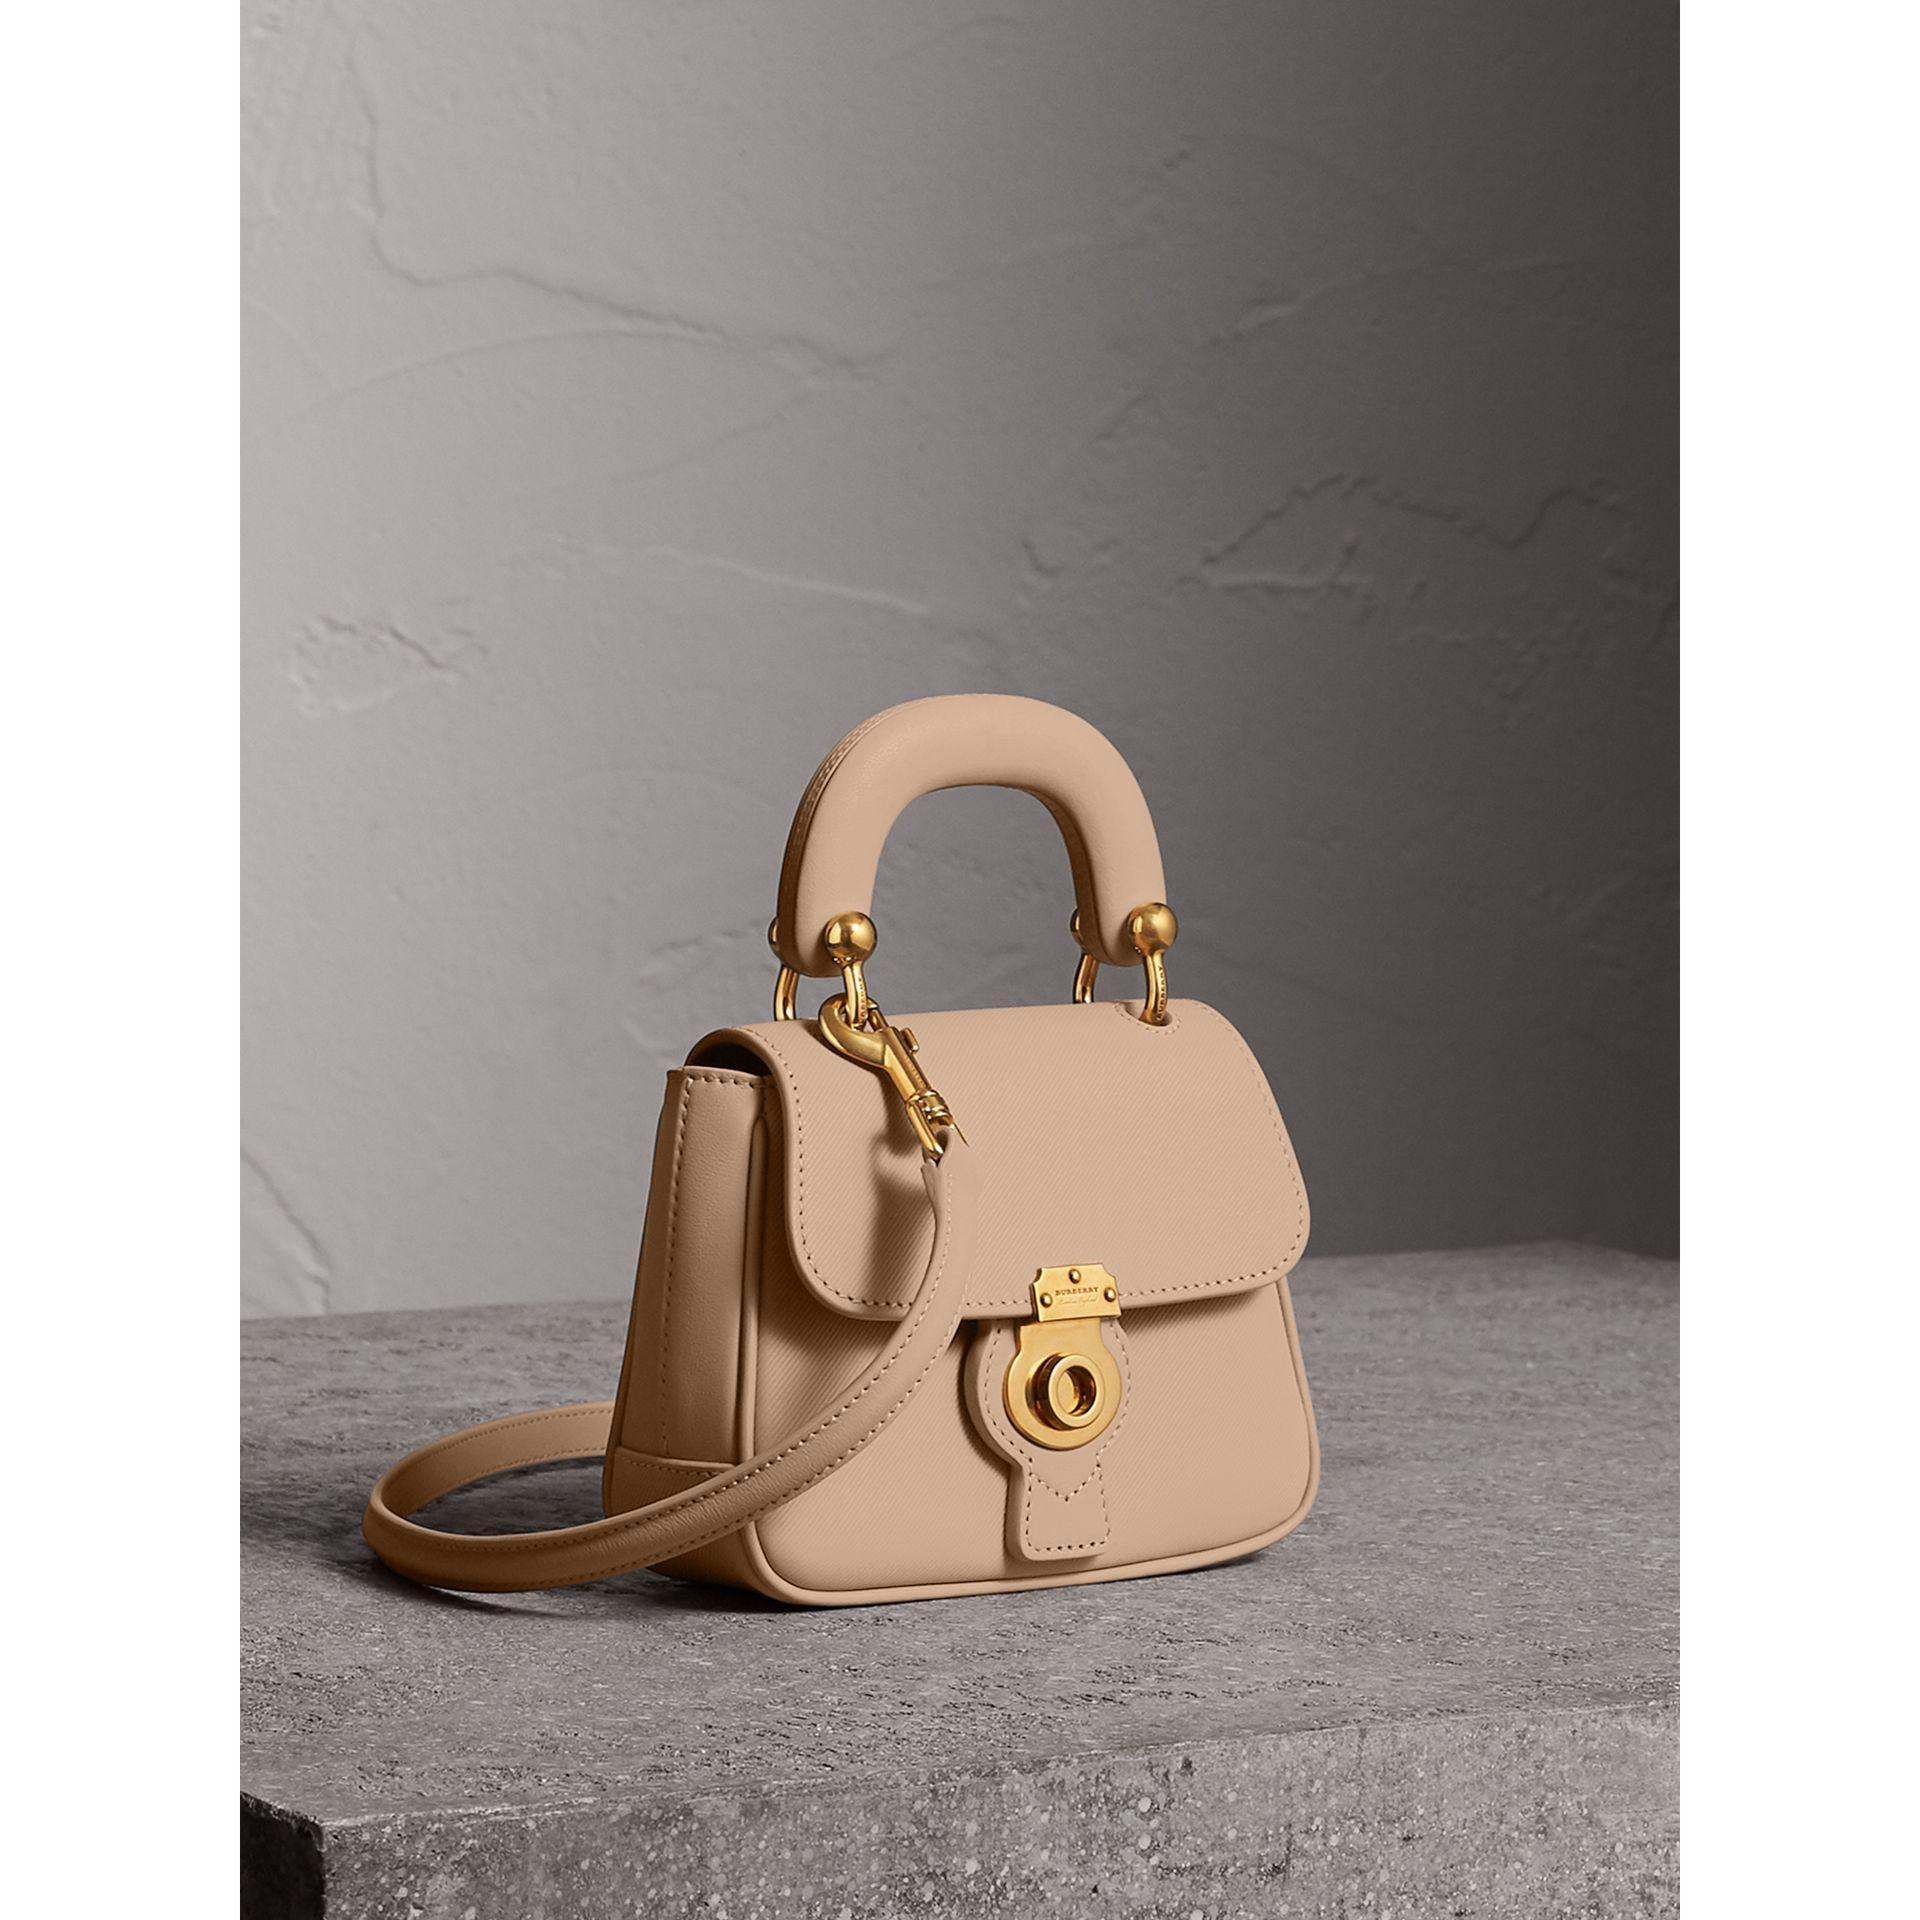 3a2b28d78ea3 Burberry The Mini Dk88 Top Handle Bag In Honey